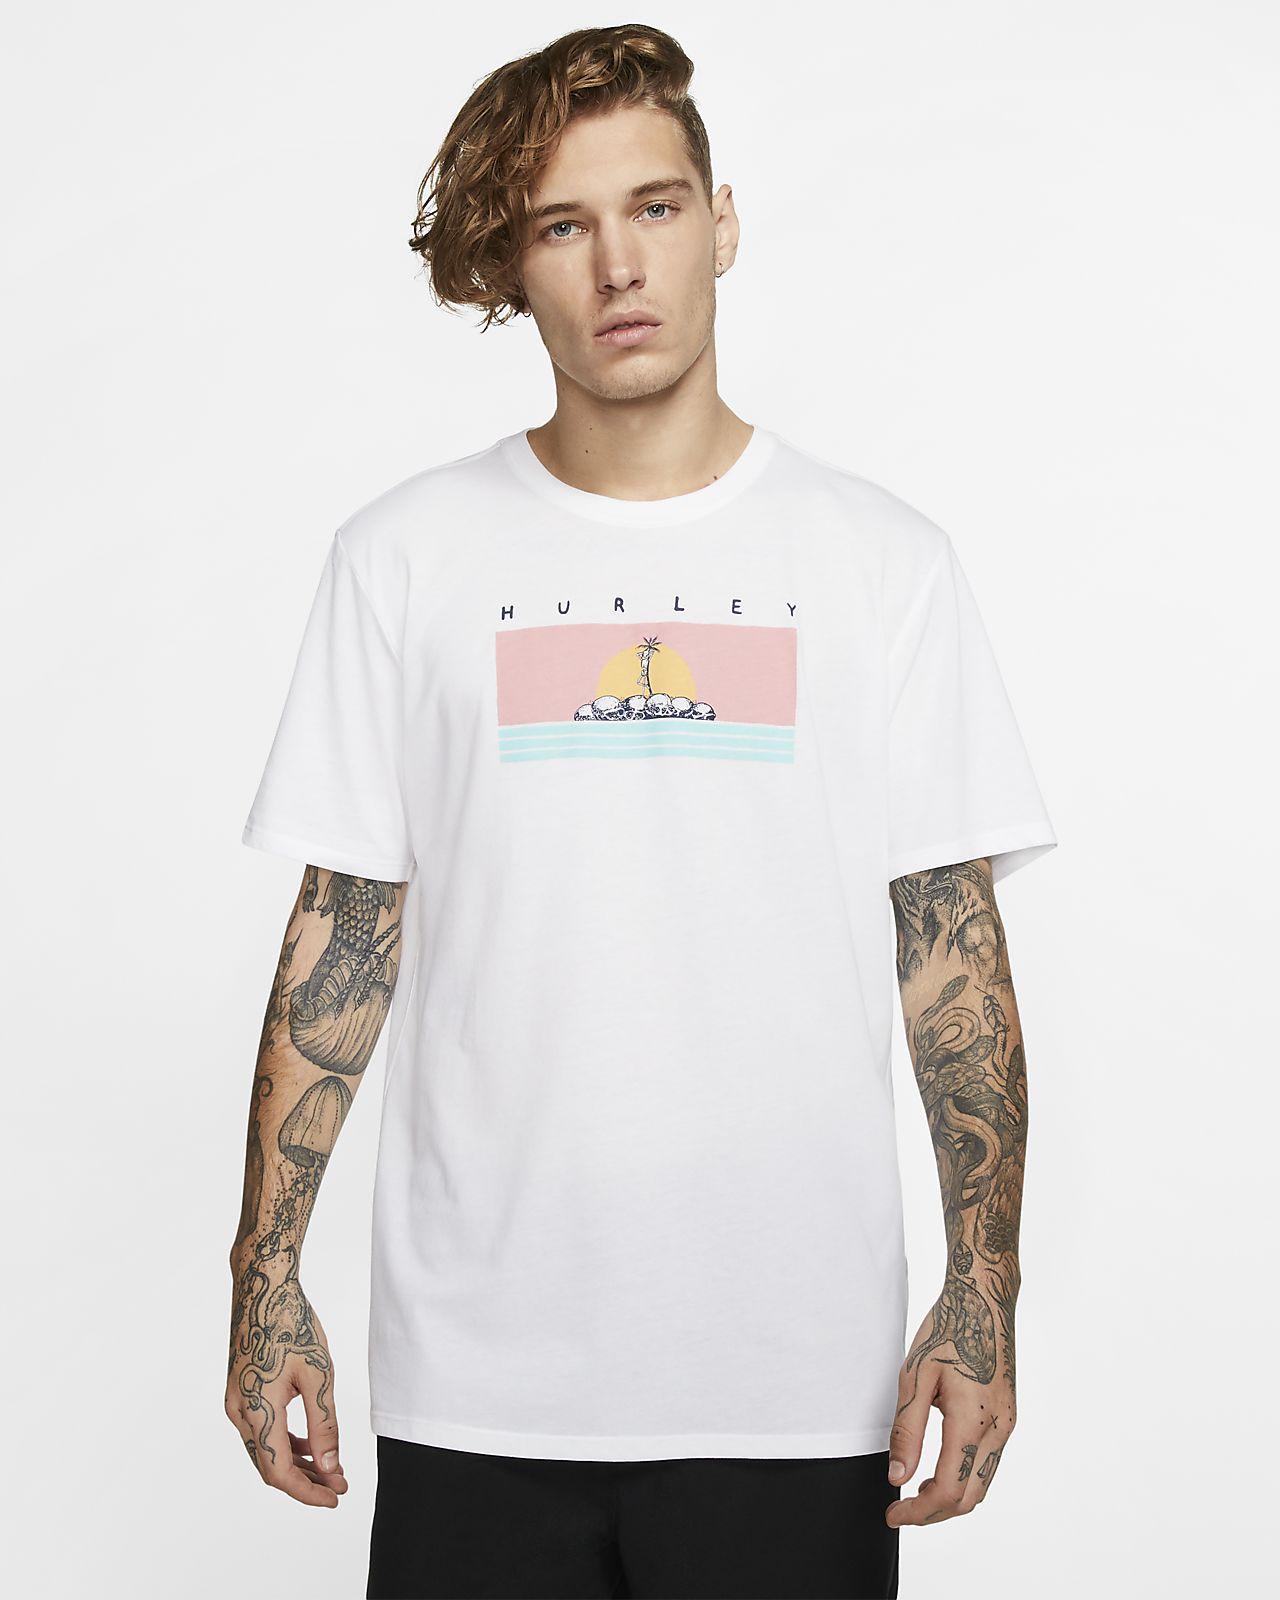 ハーレー Dri-FIT デザーテッド メンズ プレミアム フィット Tシャツ